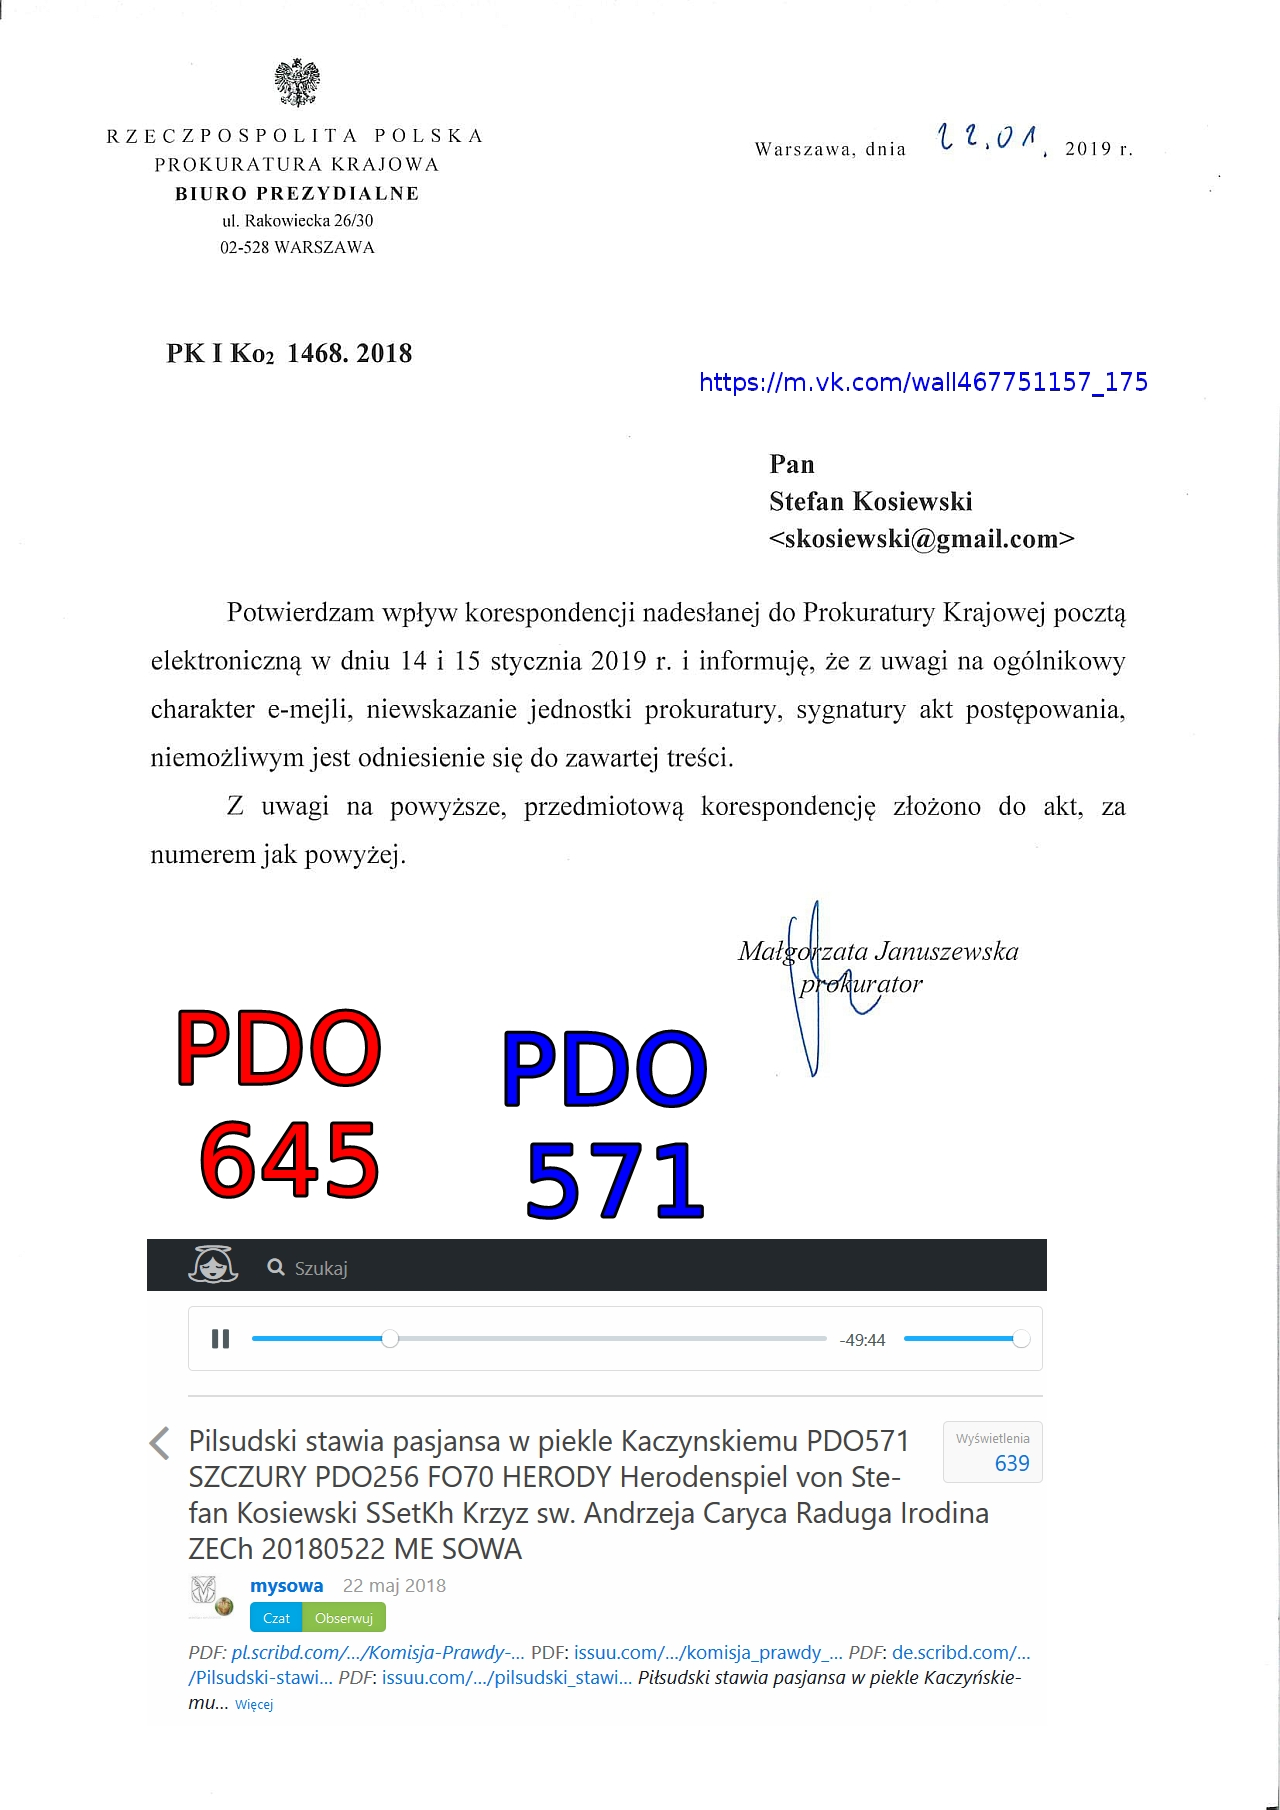 PDO645 PDO571 pk.gov.pl_20190128_093747-1